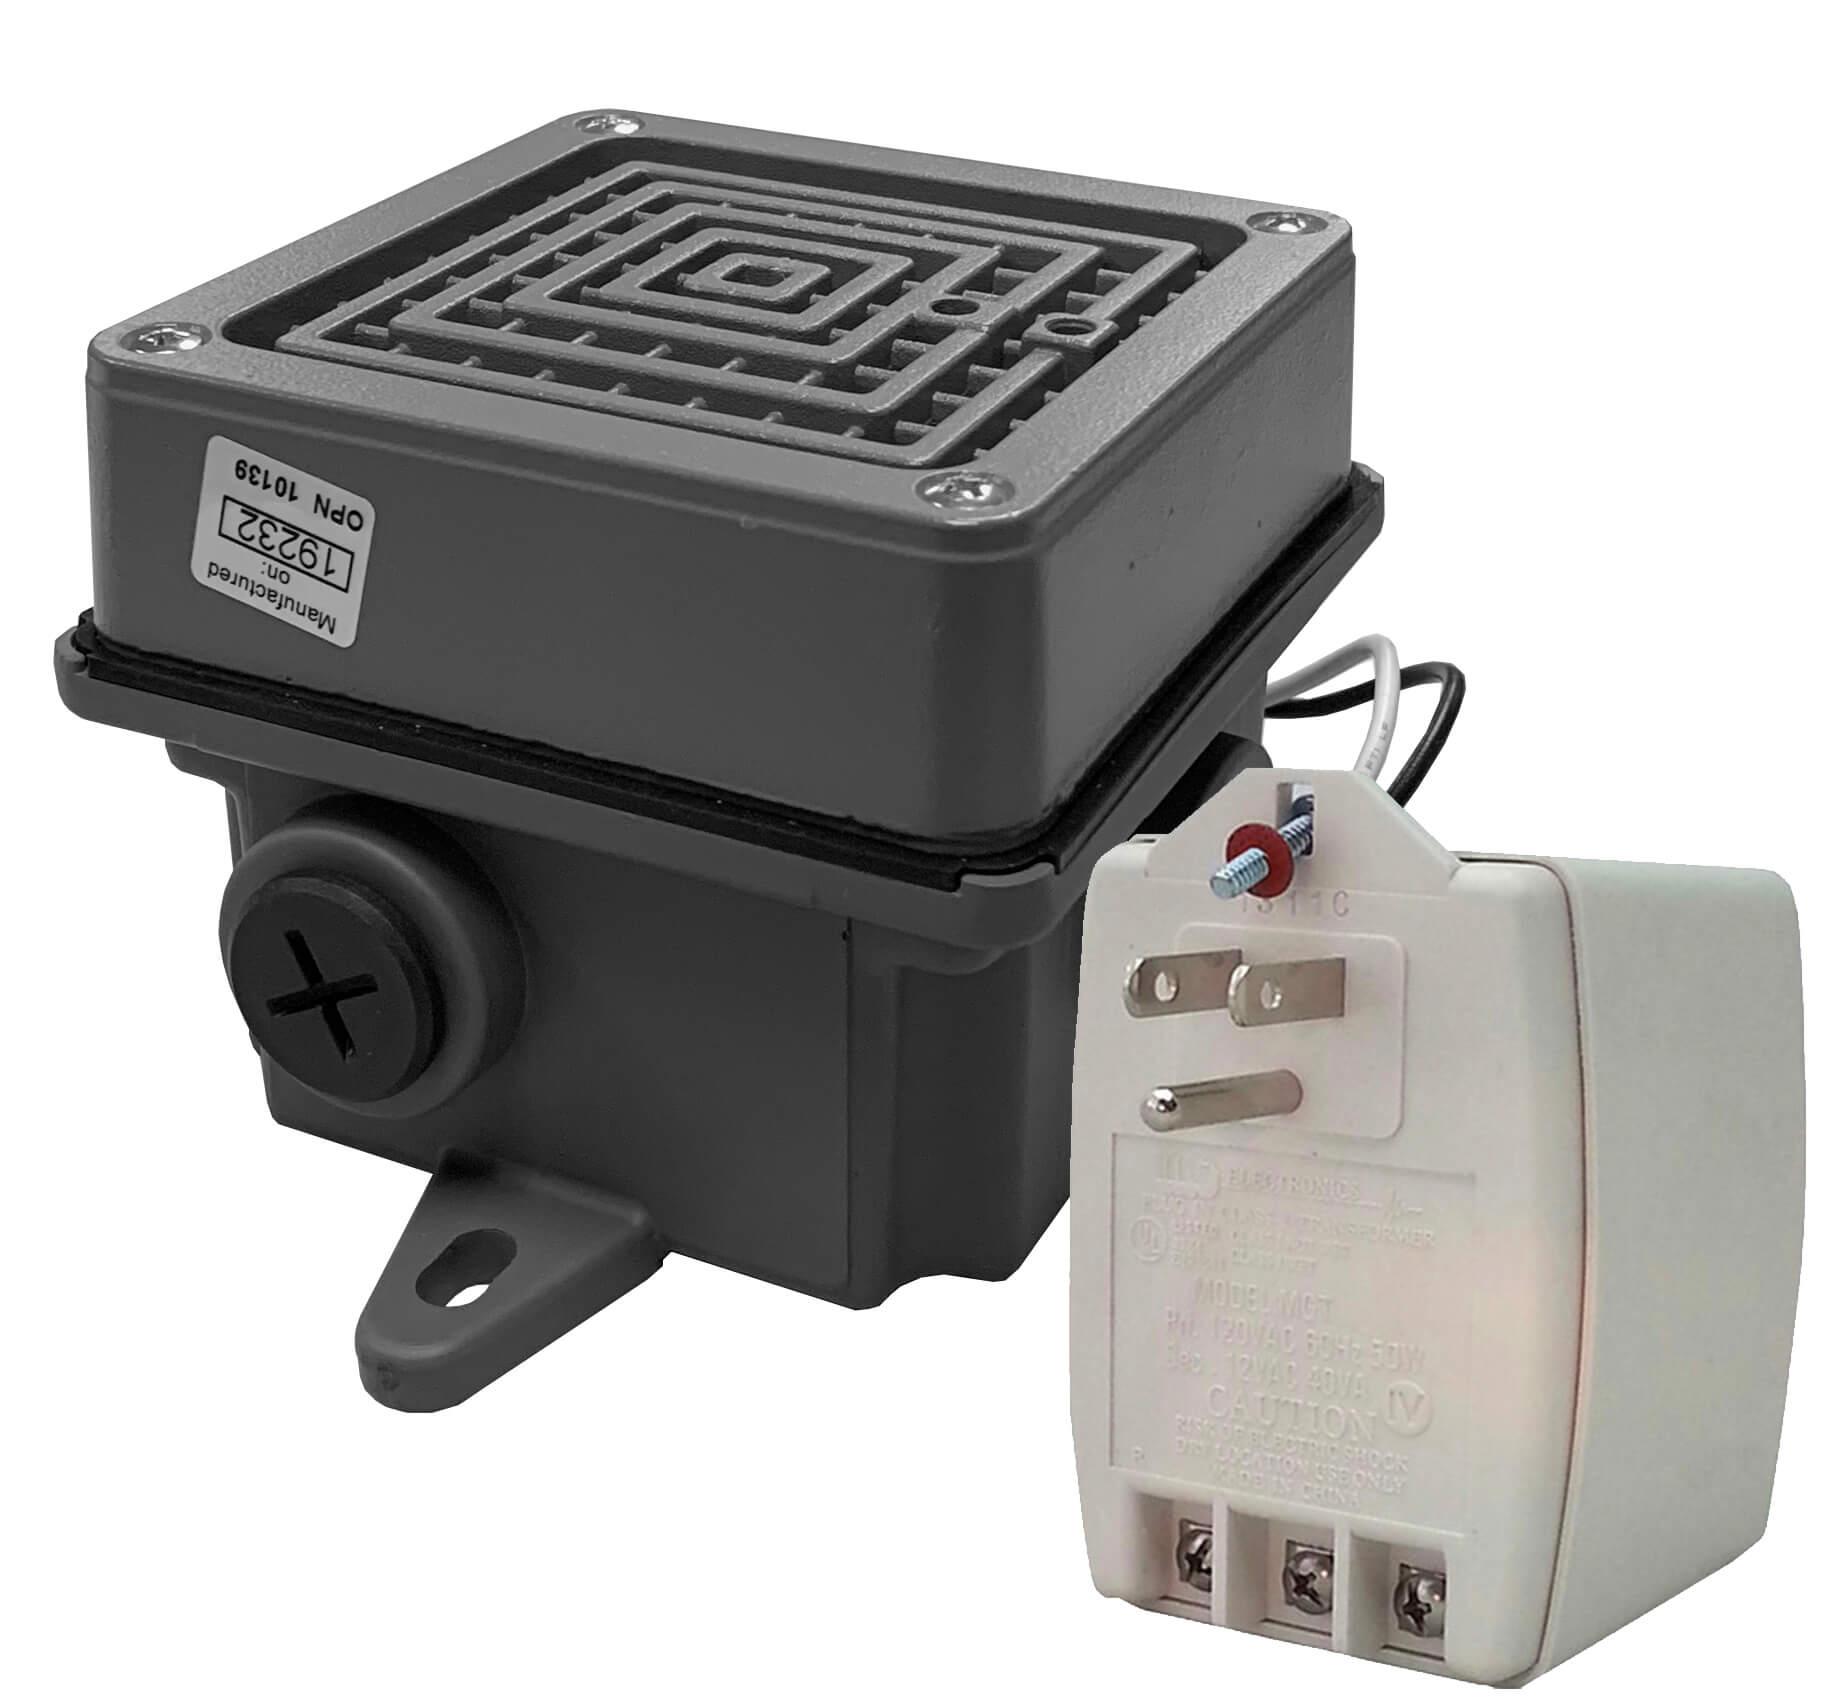 Netbell-2-2Buz Network Extra Loud Break Buzzer System